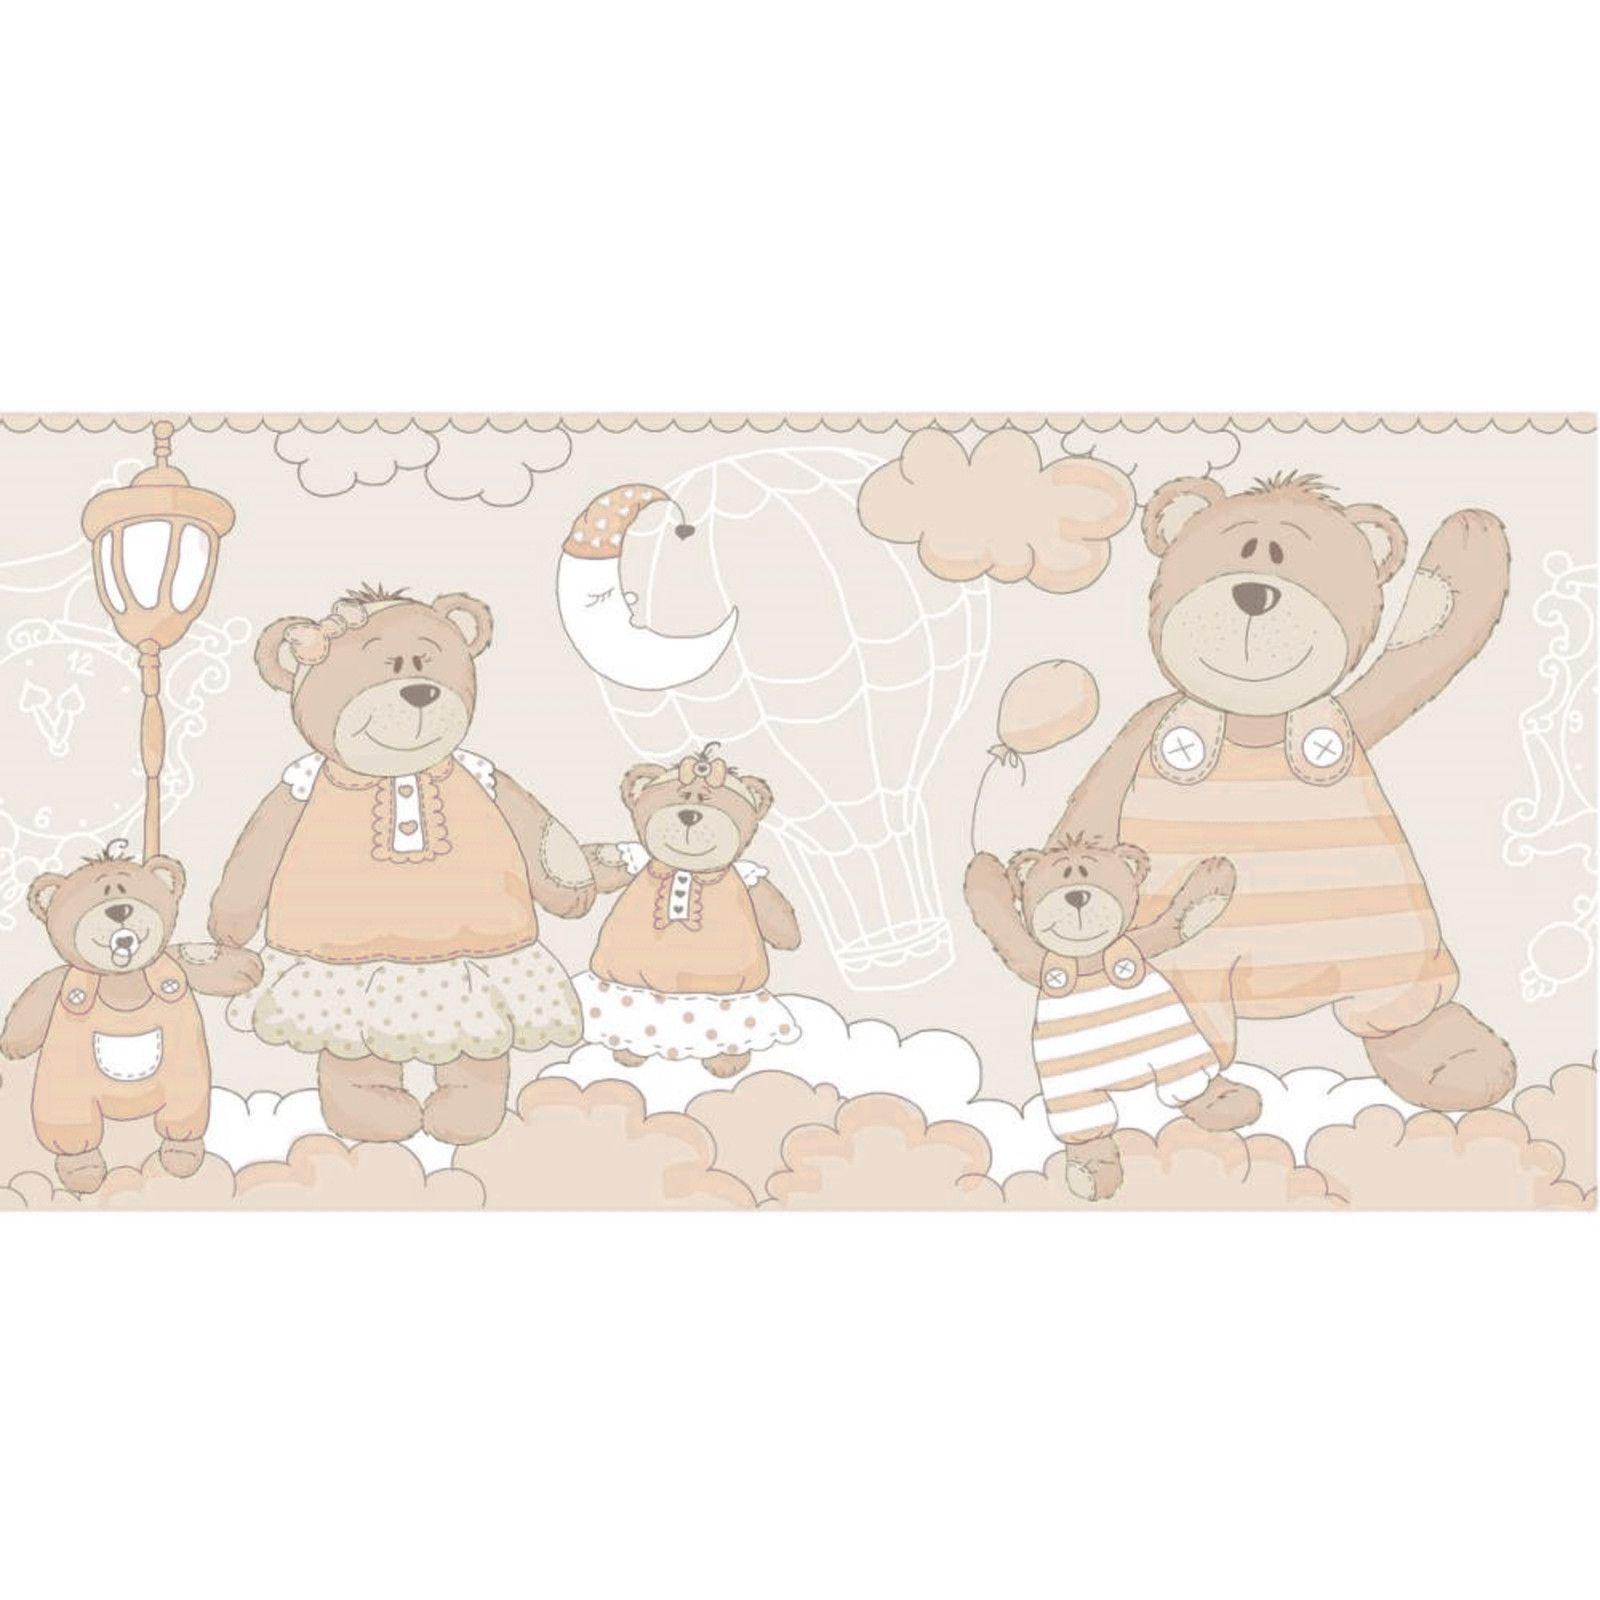 Faixa Papel de Papel de Parede  Kan Tai Vinilico Infantil Coleção Olá Baby 2 Ursos Tons de Bege, Marfim